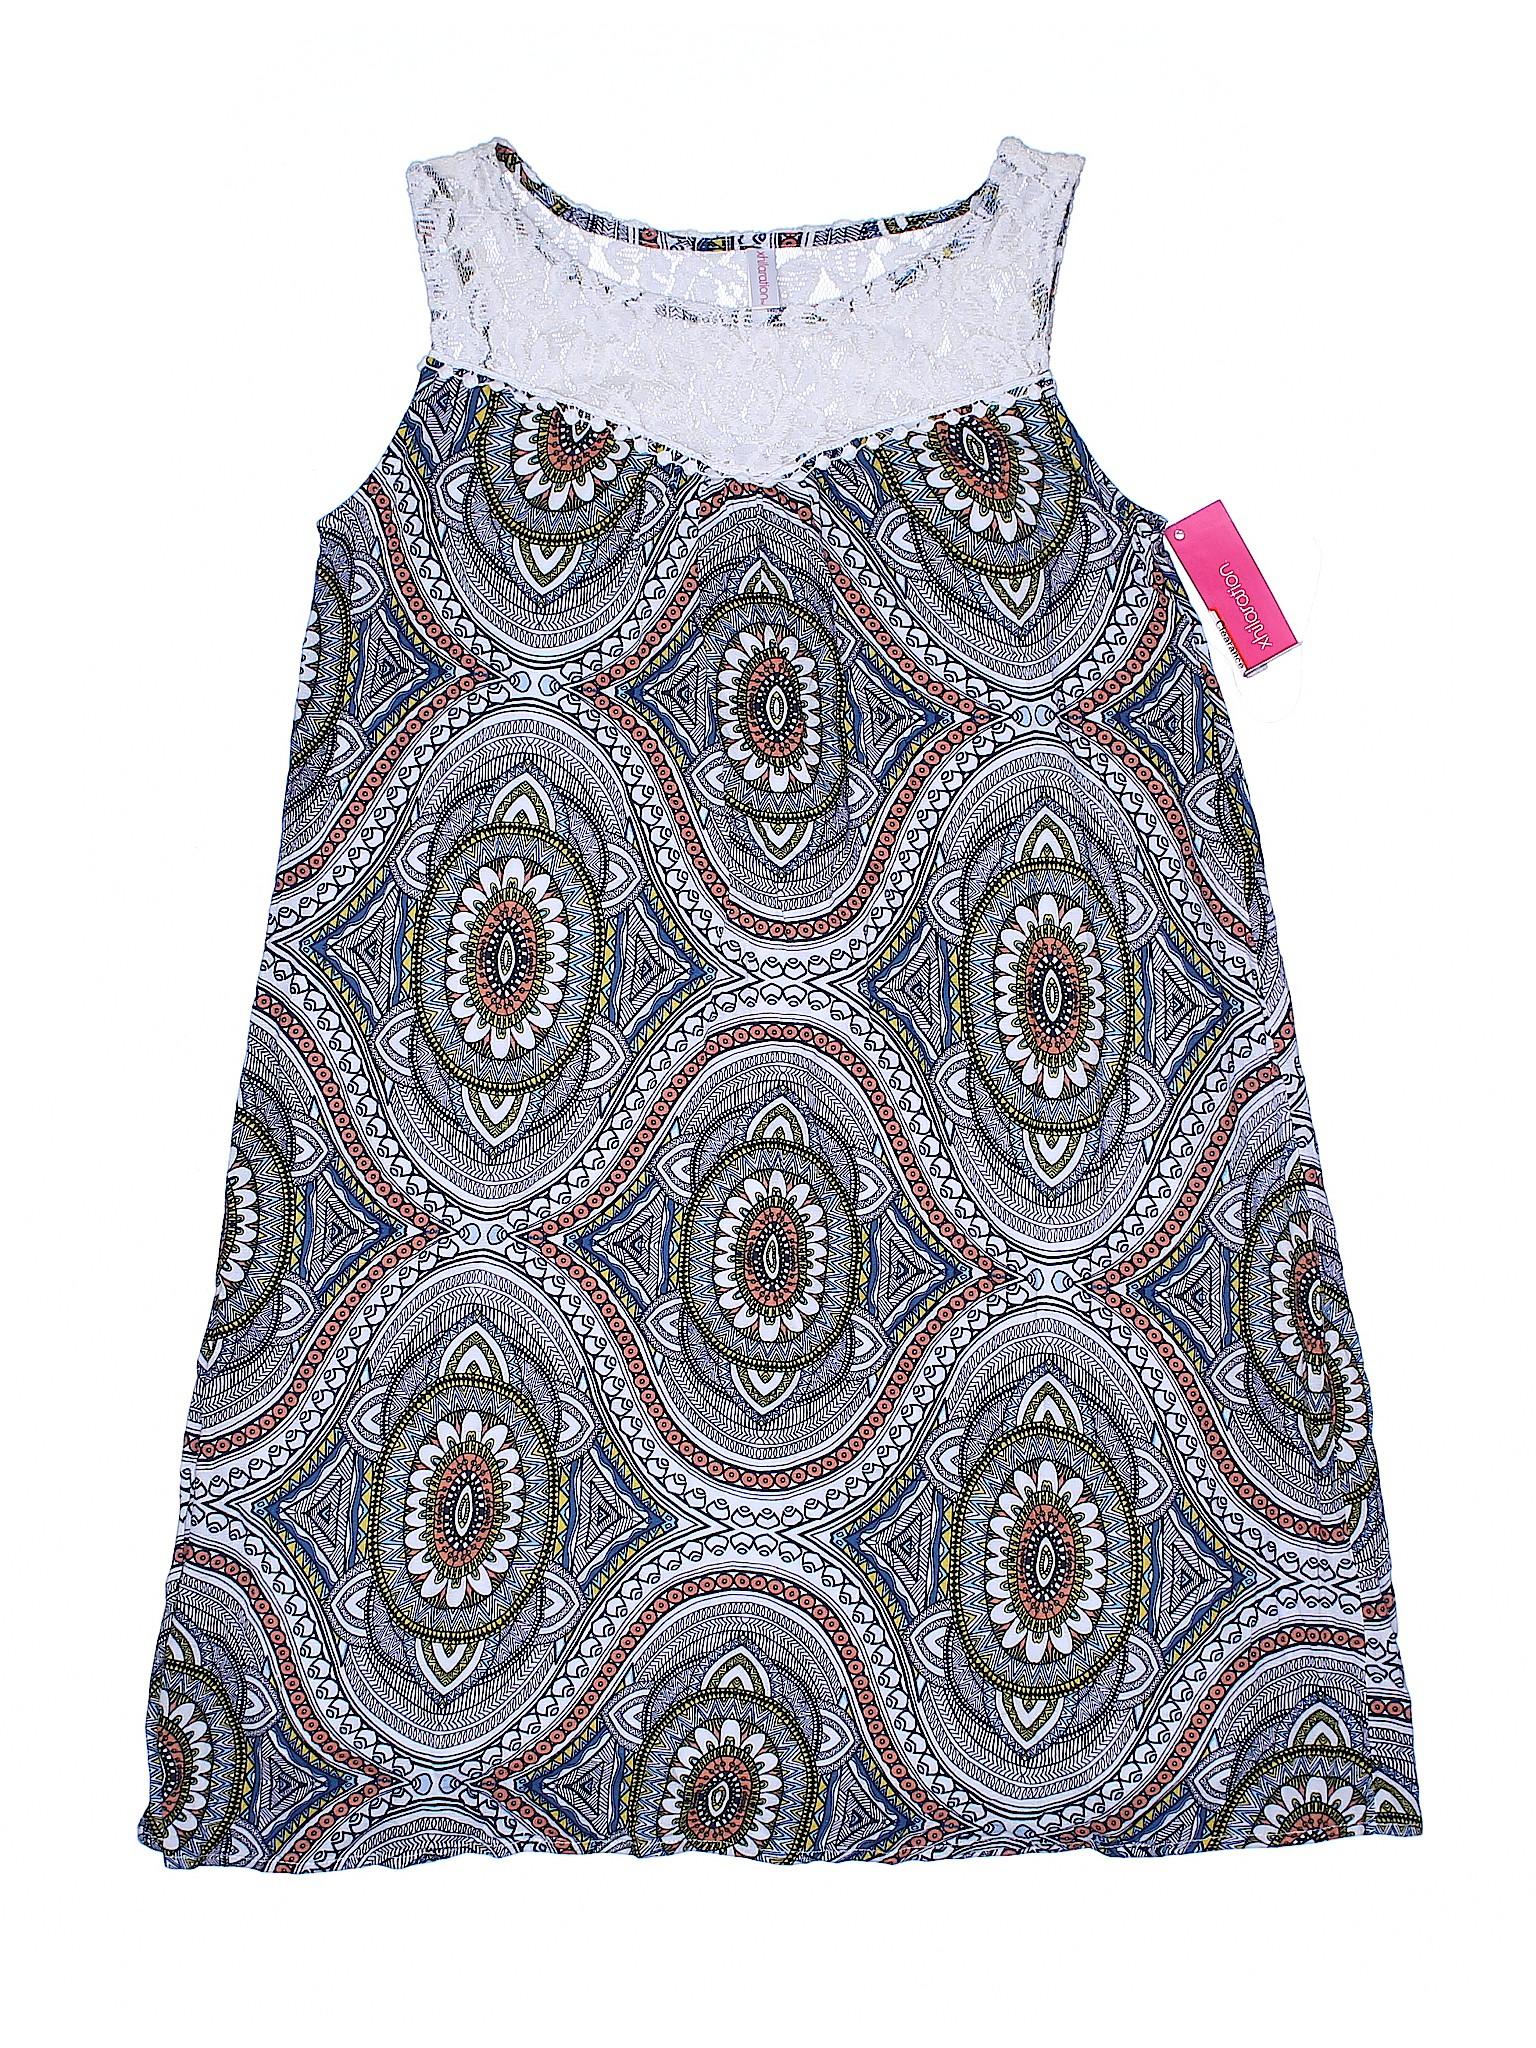 Boutique Boutique winter Xhilaration Casual Xhilaration Dress Dress winter Dress Xhilaration Casual Casual winter Boutique UqqHdwz